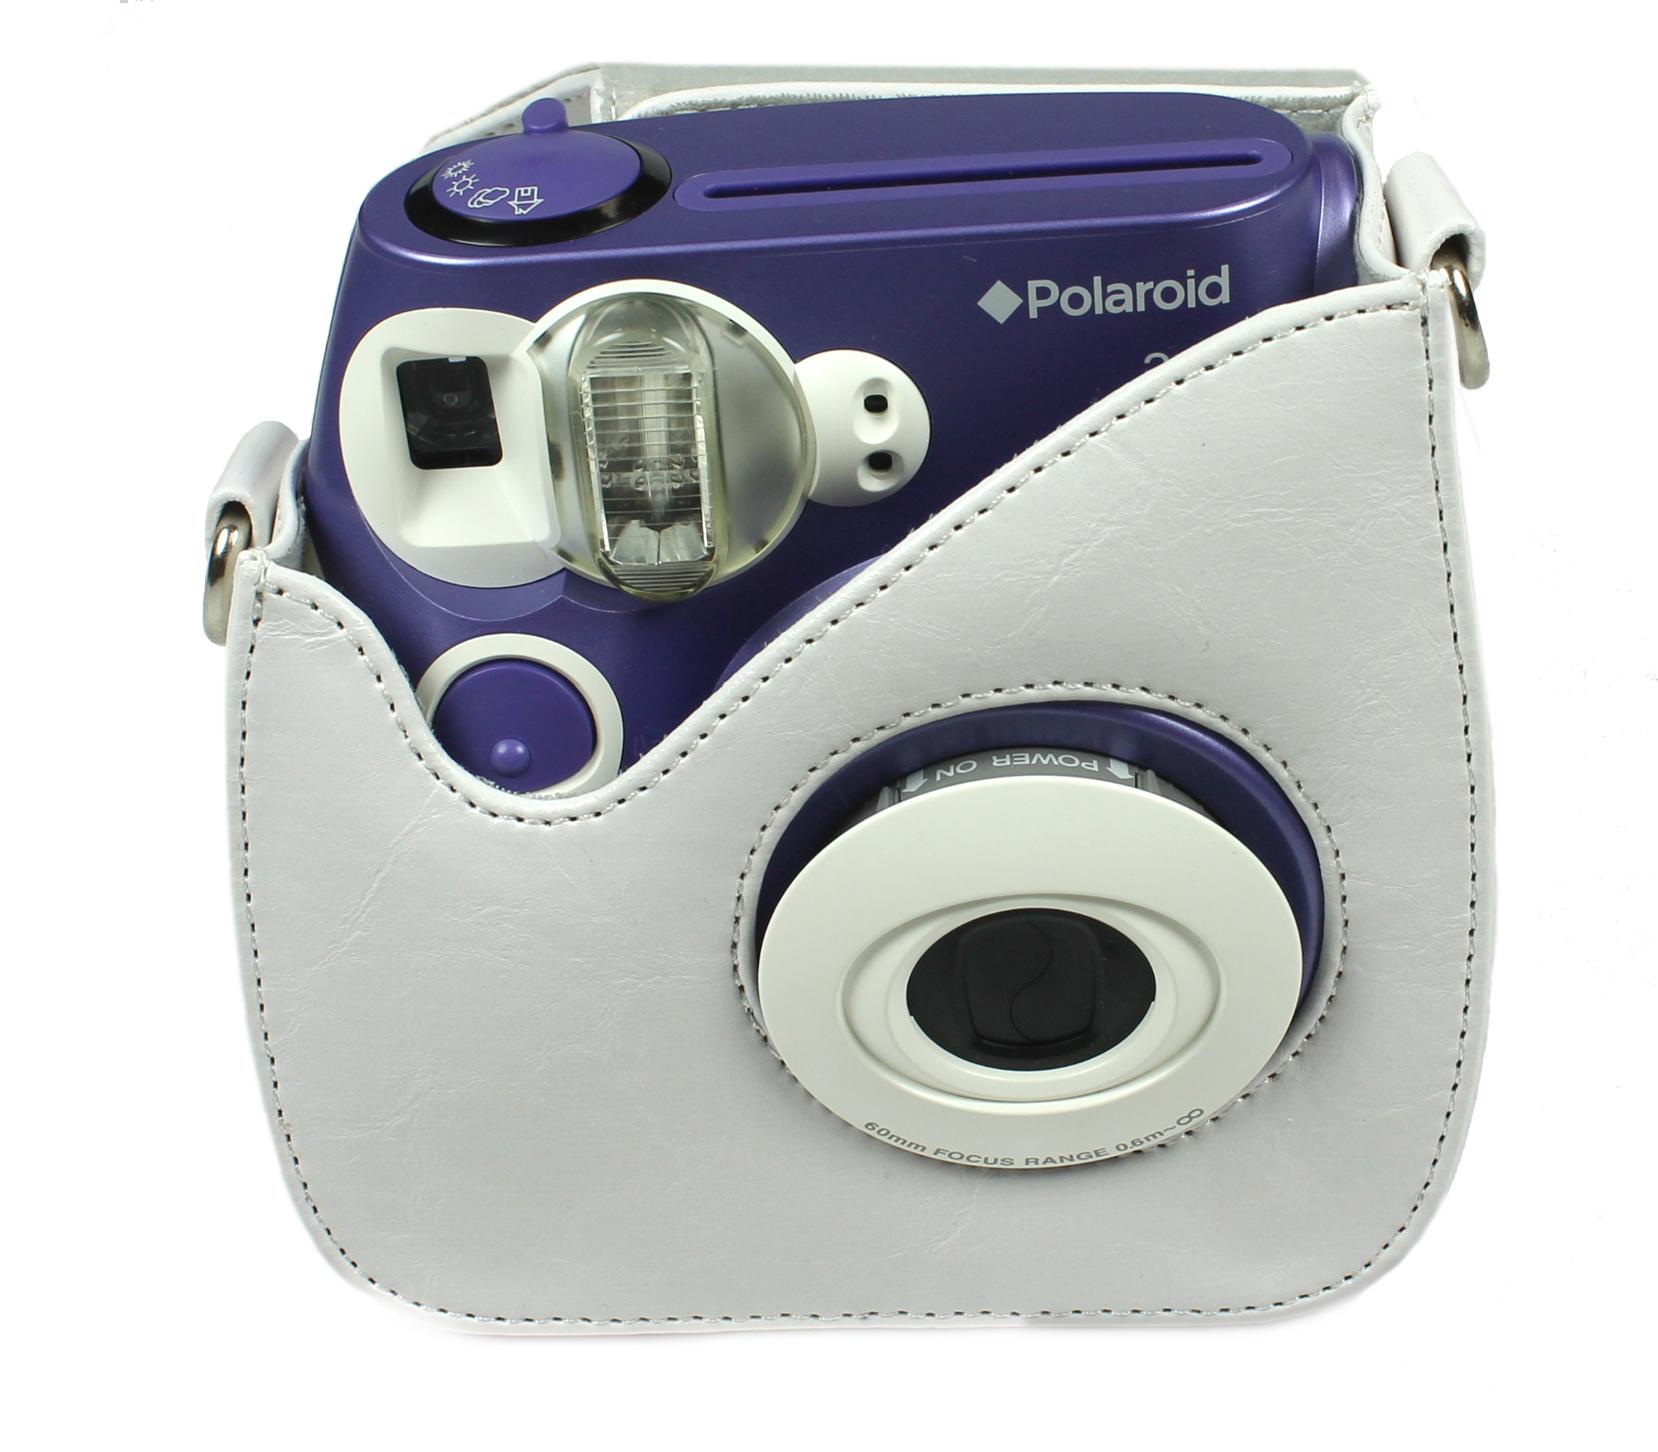 Polaroid - Plc300w